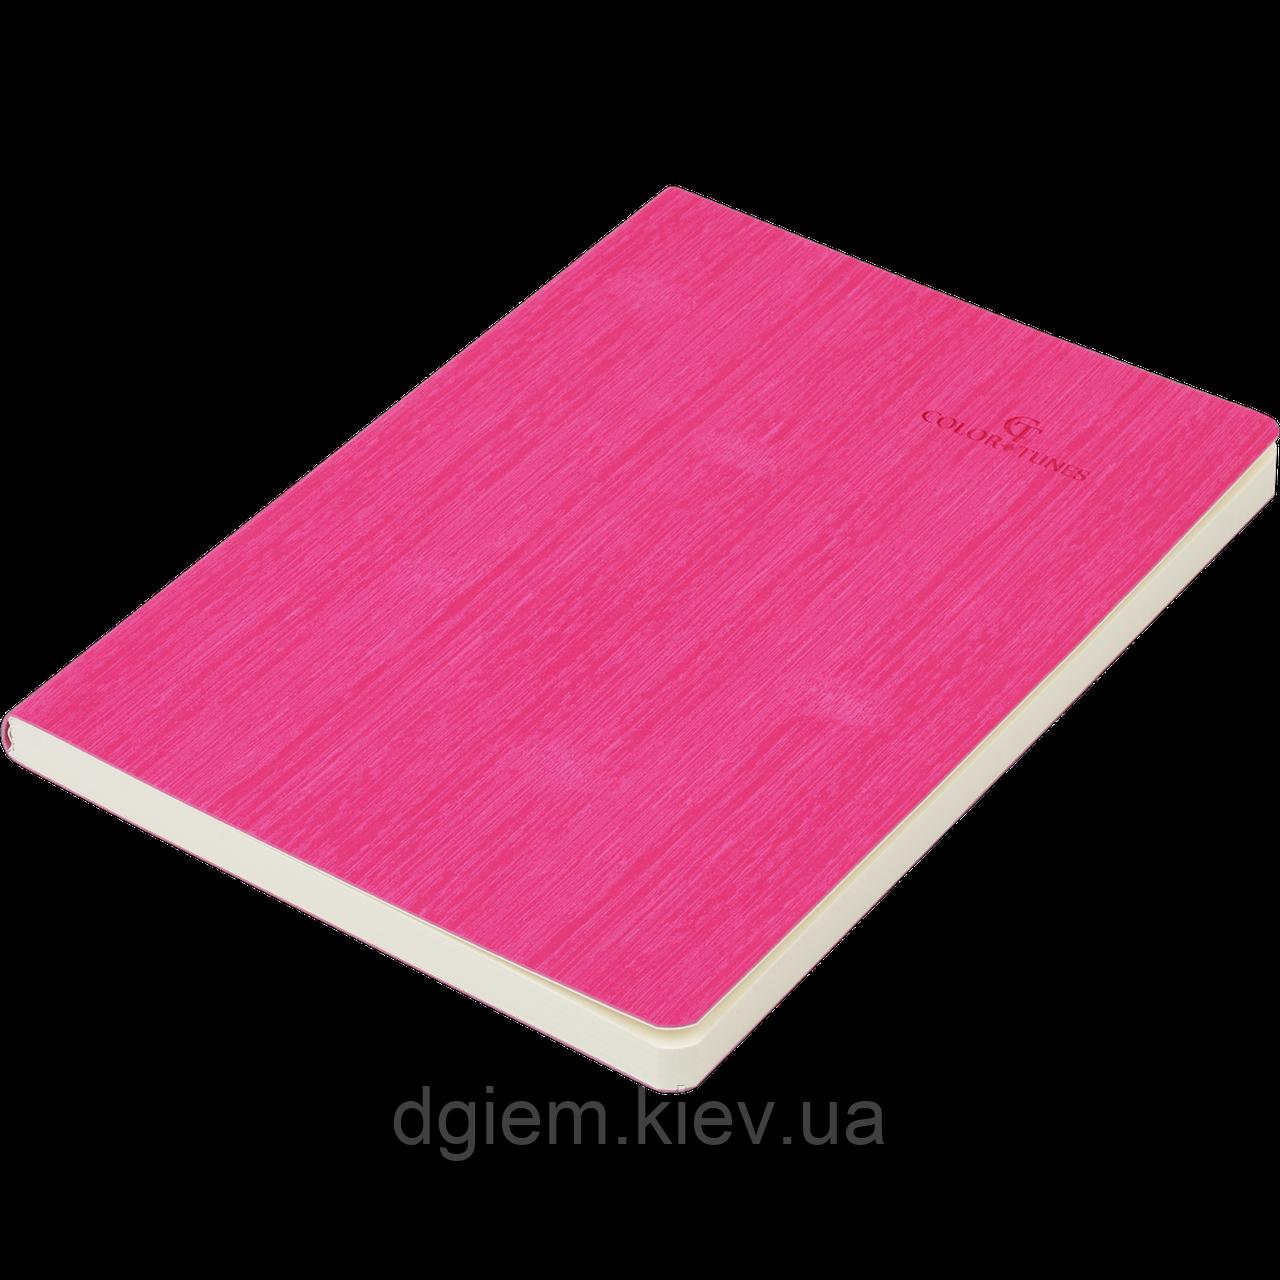 Блокнот деловой COLOR TUNES А5 96л. линя, иск. кожа, розовый